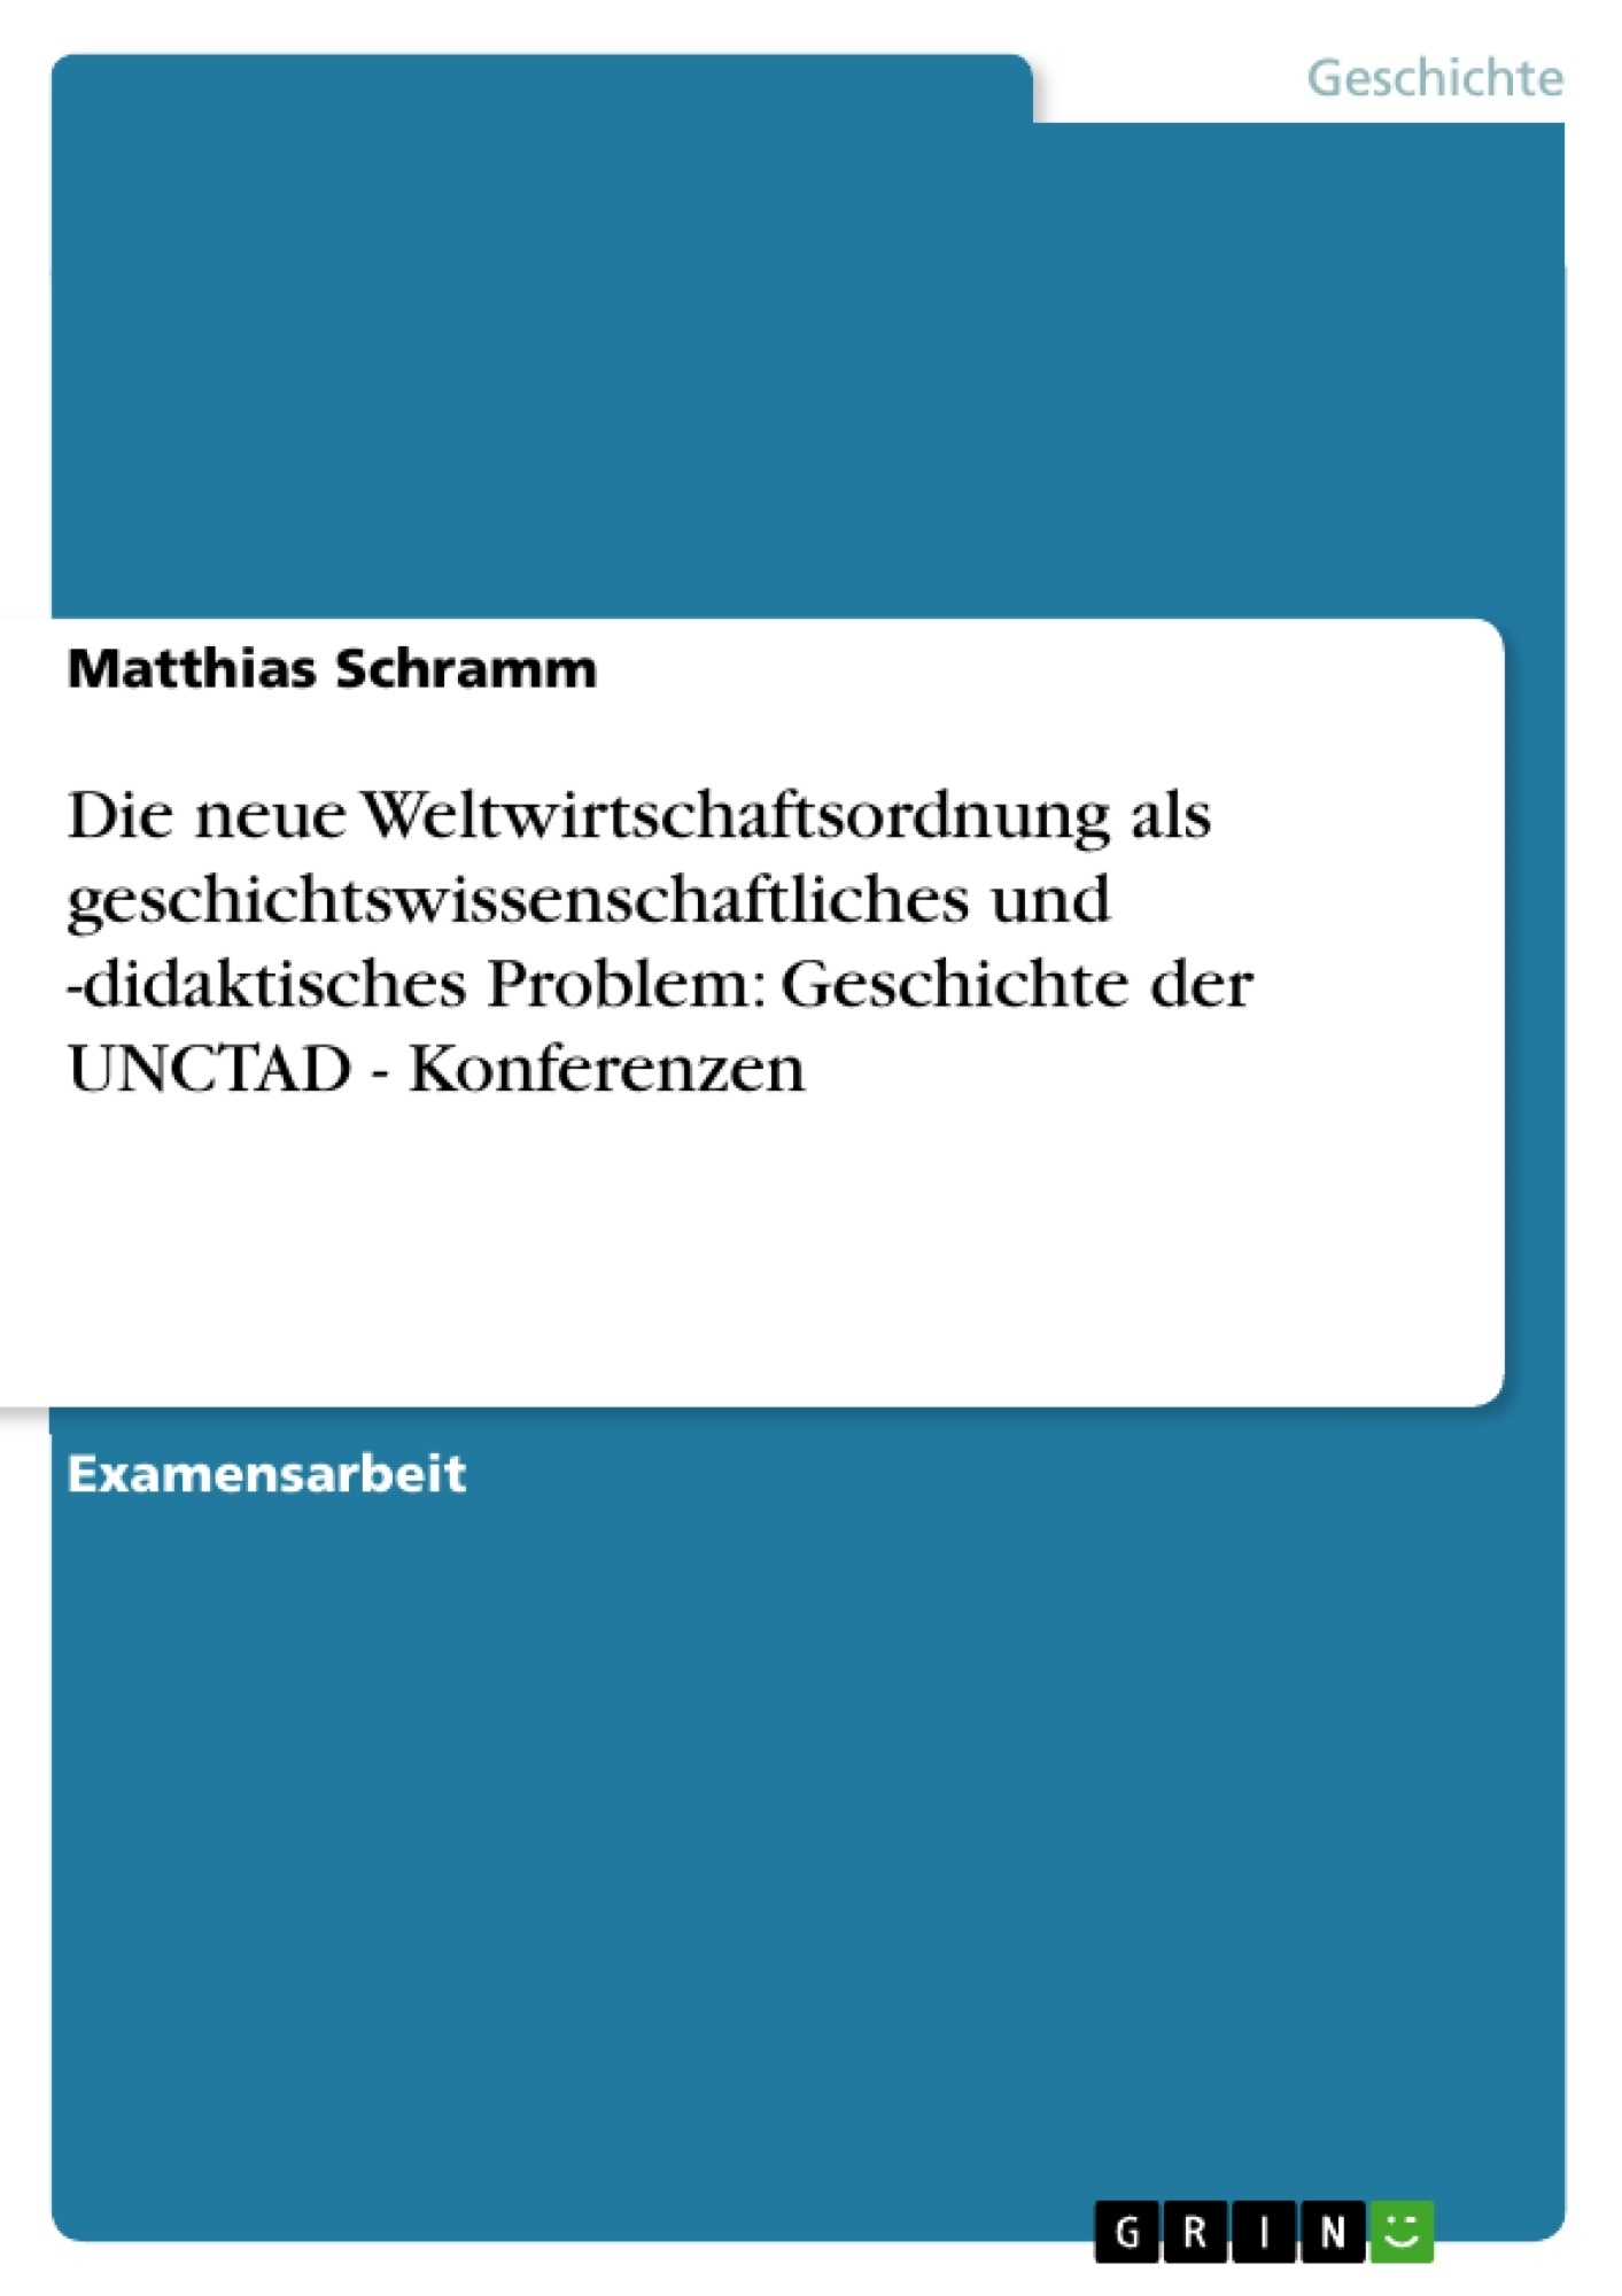 Titel: Die neue Weltwirtschaftsordnung als geschichtswissenschaftliches und -didaktisches Problem: Geschichte der UNCTAD - Konferenzen